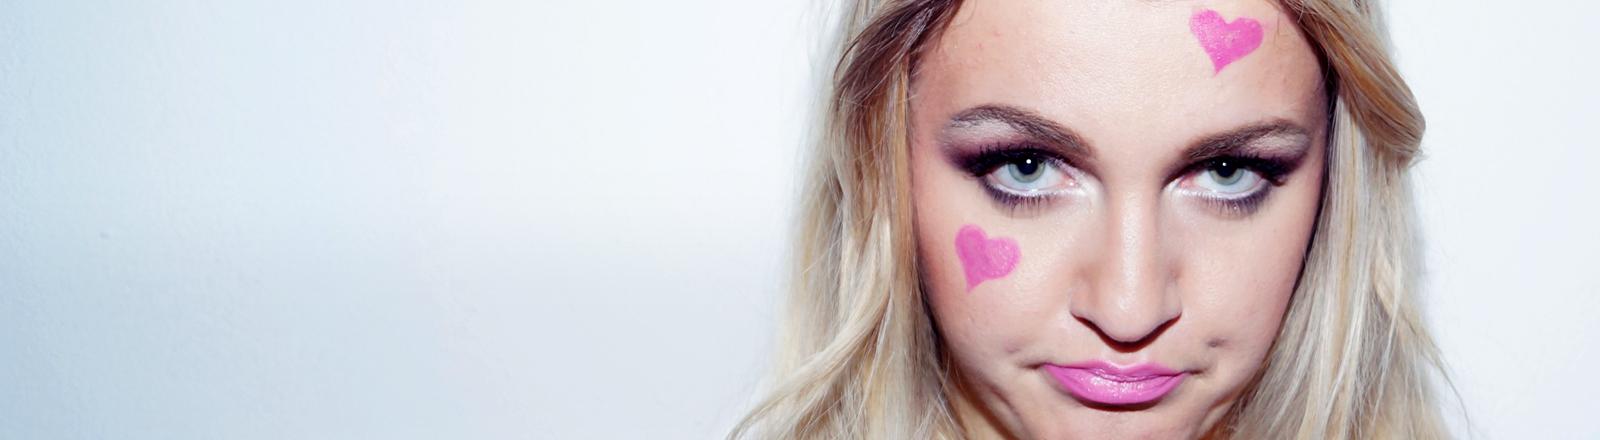 Eine junge Frau hat rosa Herzchen im Gesicht